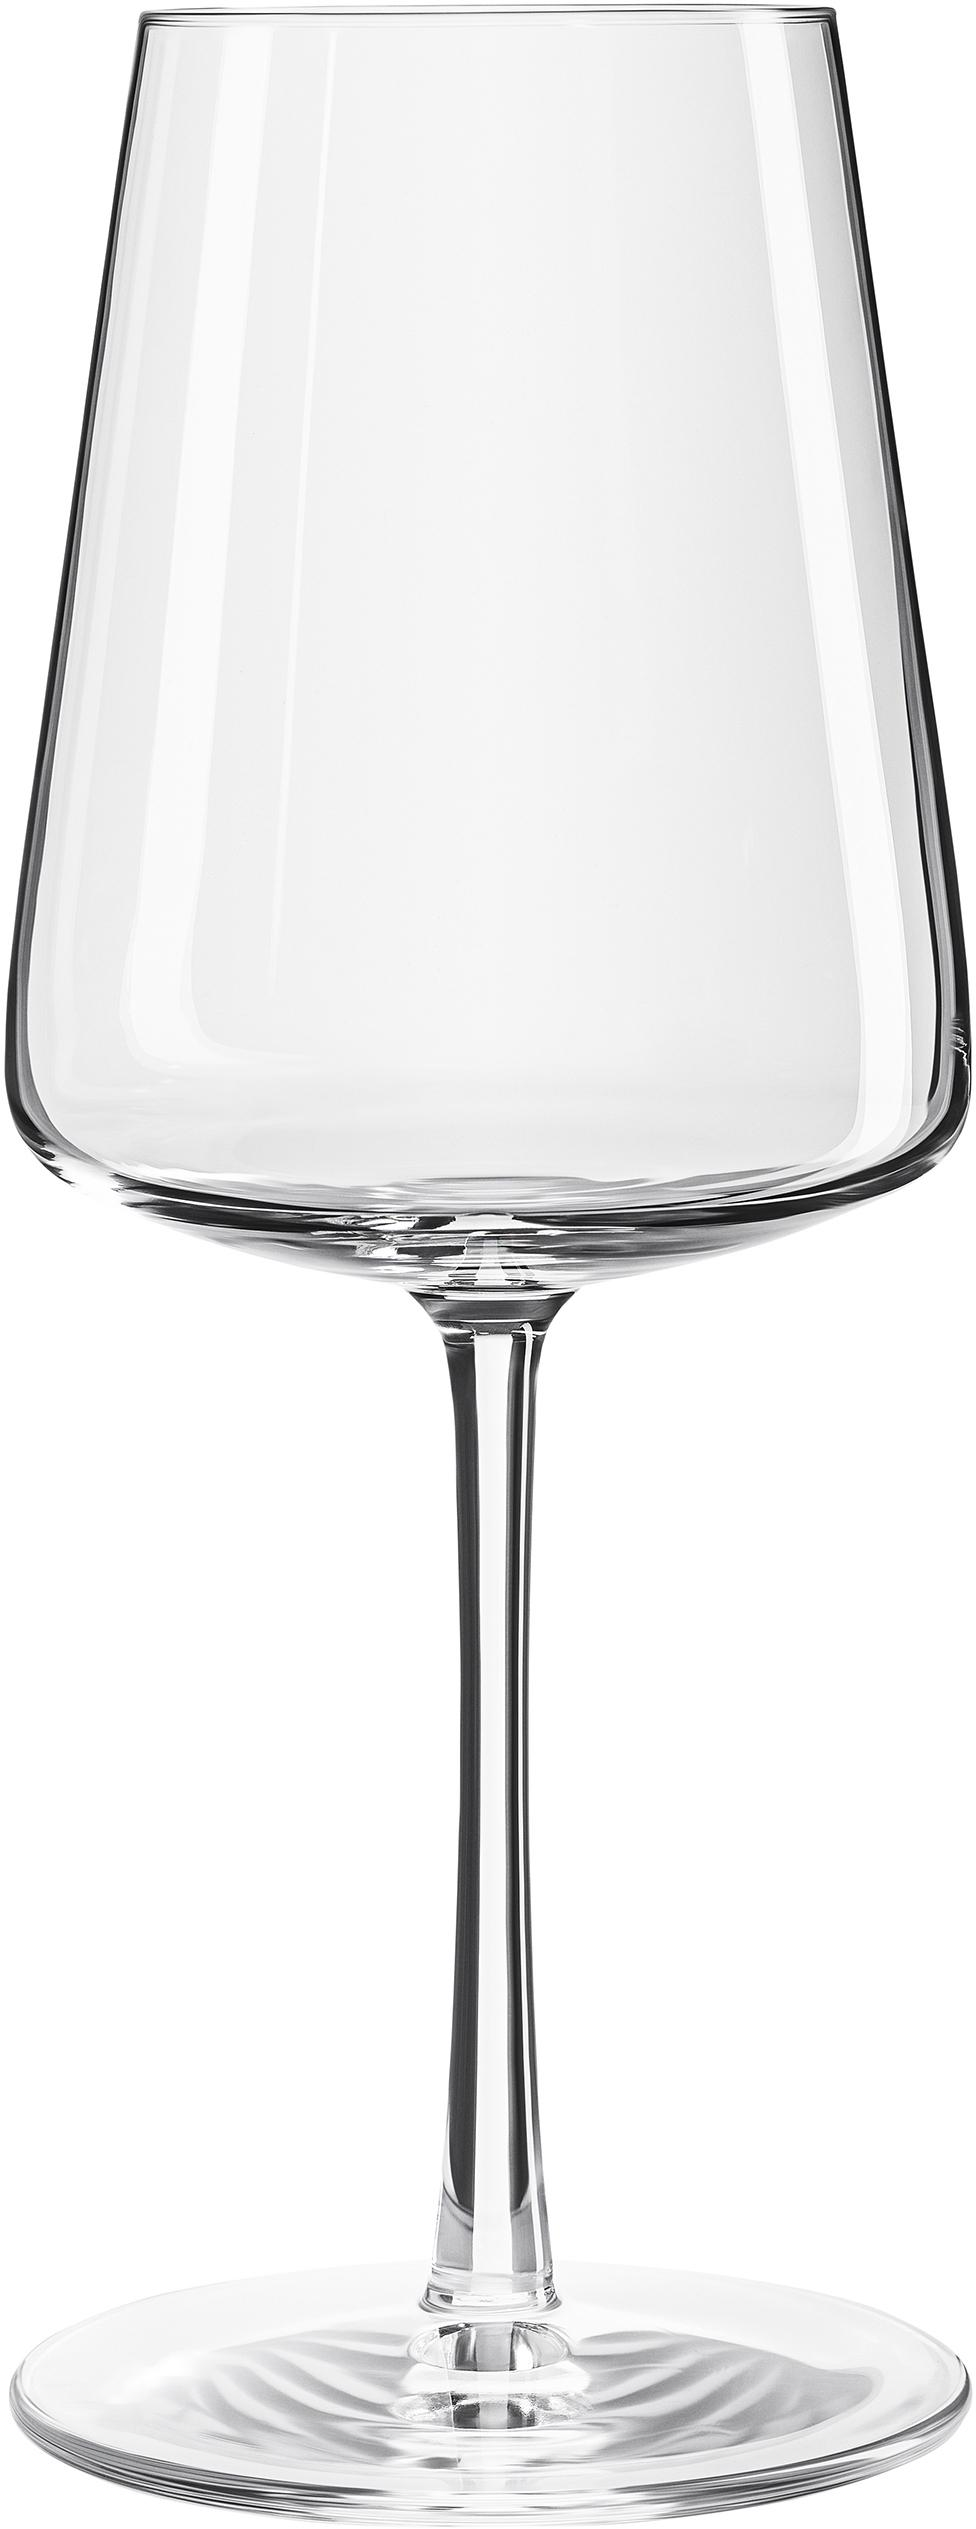 Kryształowy kieliszek do białego wina Power, 6 szt., Szkło kryształowe, Transparentny, Ø 9 x W 21 cm